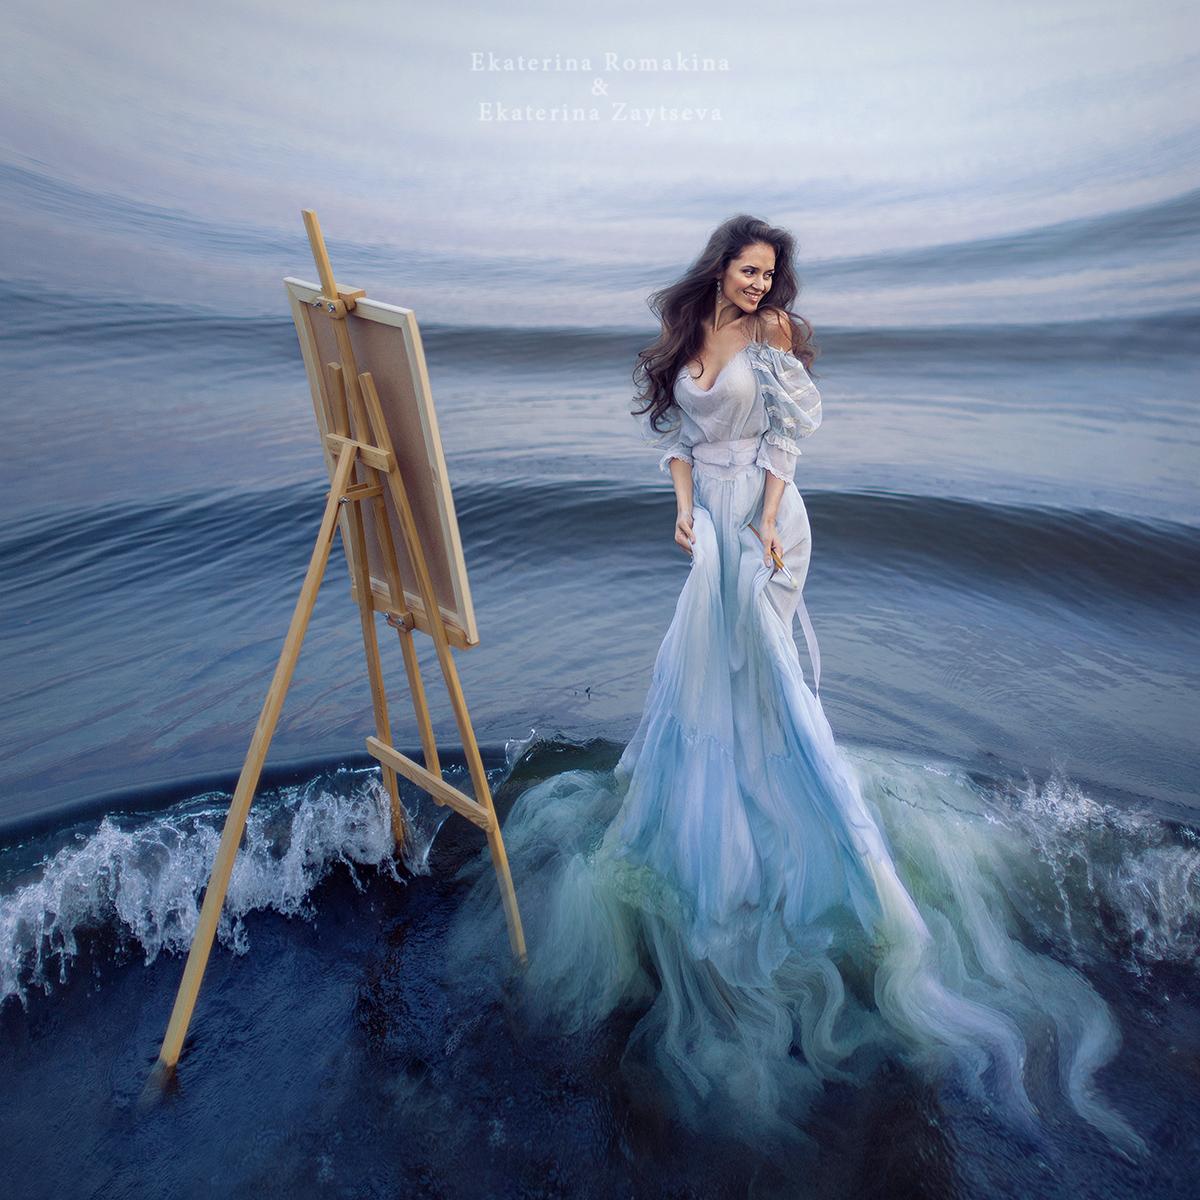 Фото Девушка в белом платье за мольбертом стоит на берегу моря среди набегающих на берег волн, фотограф Екатерина Ромакина